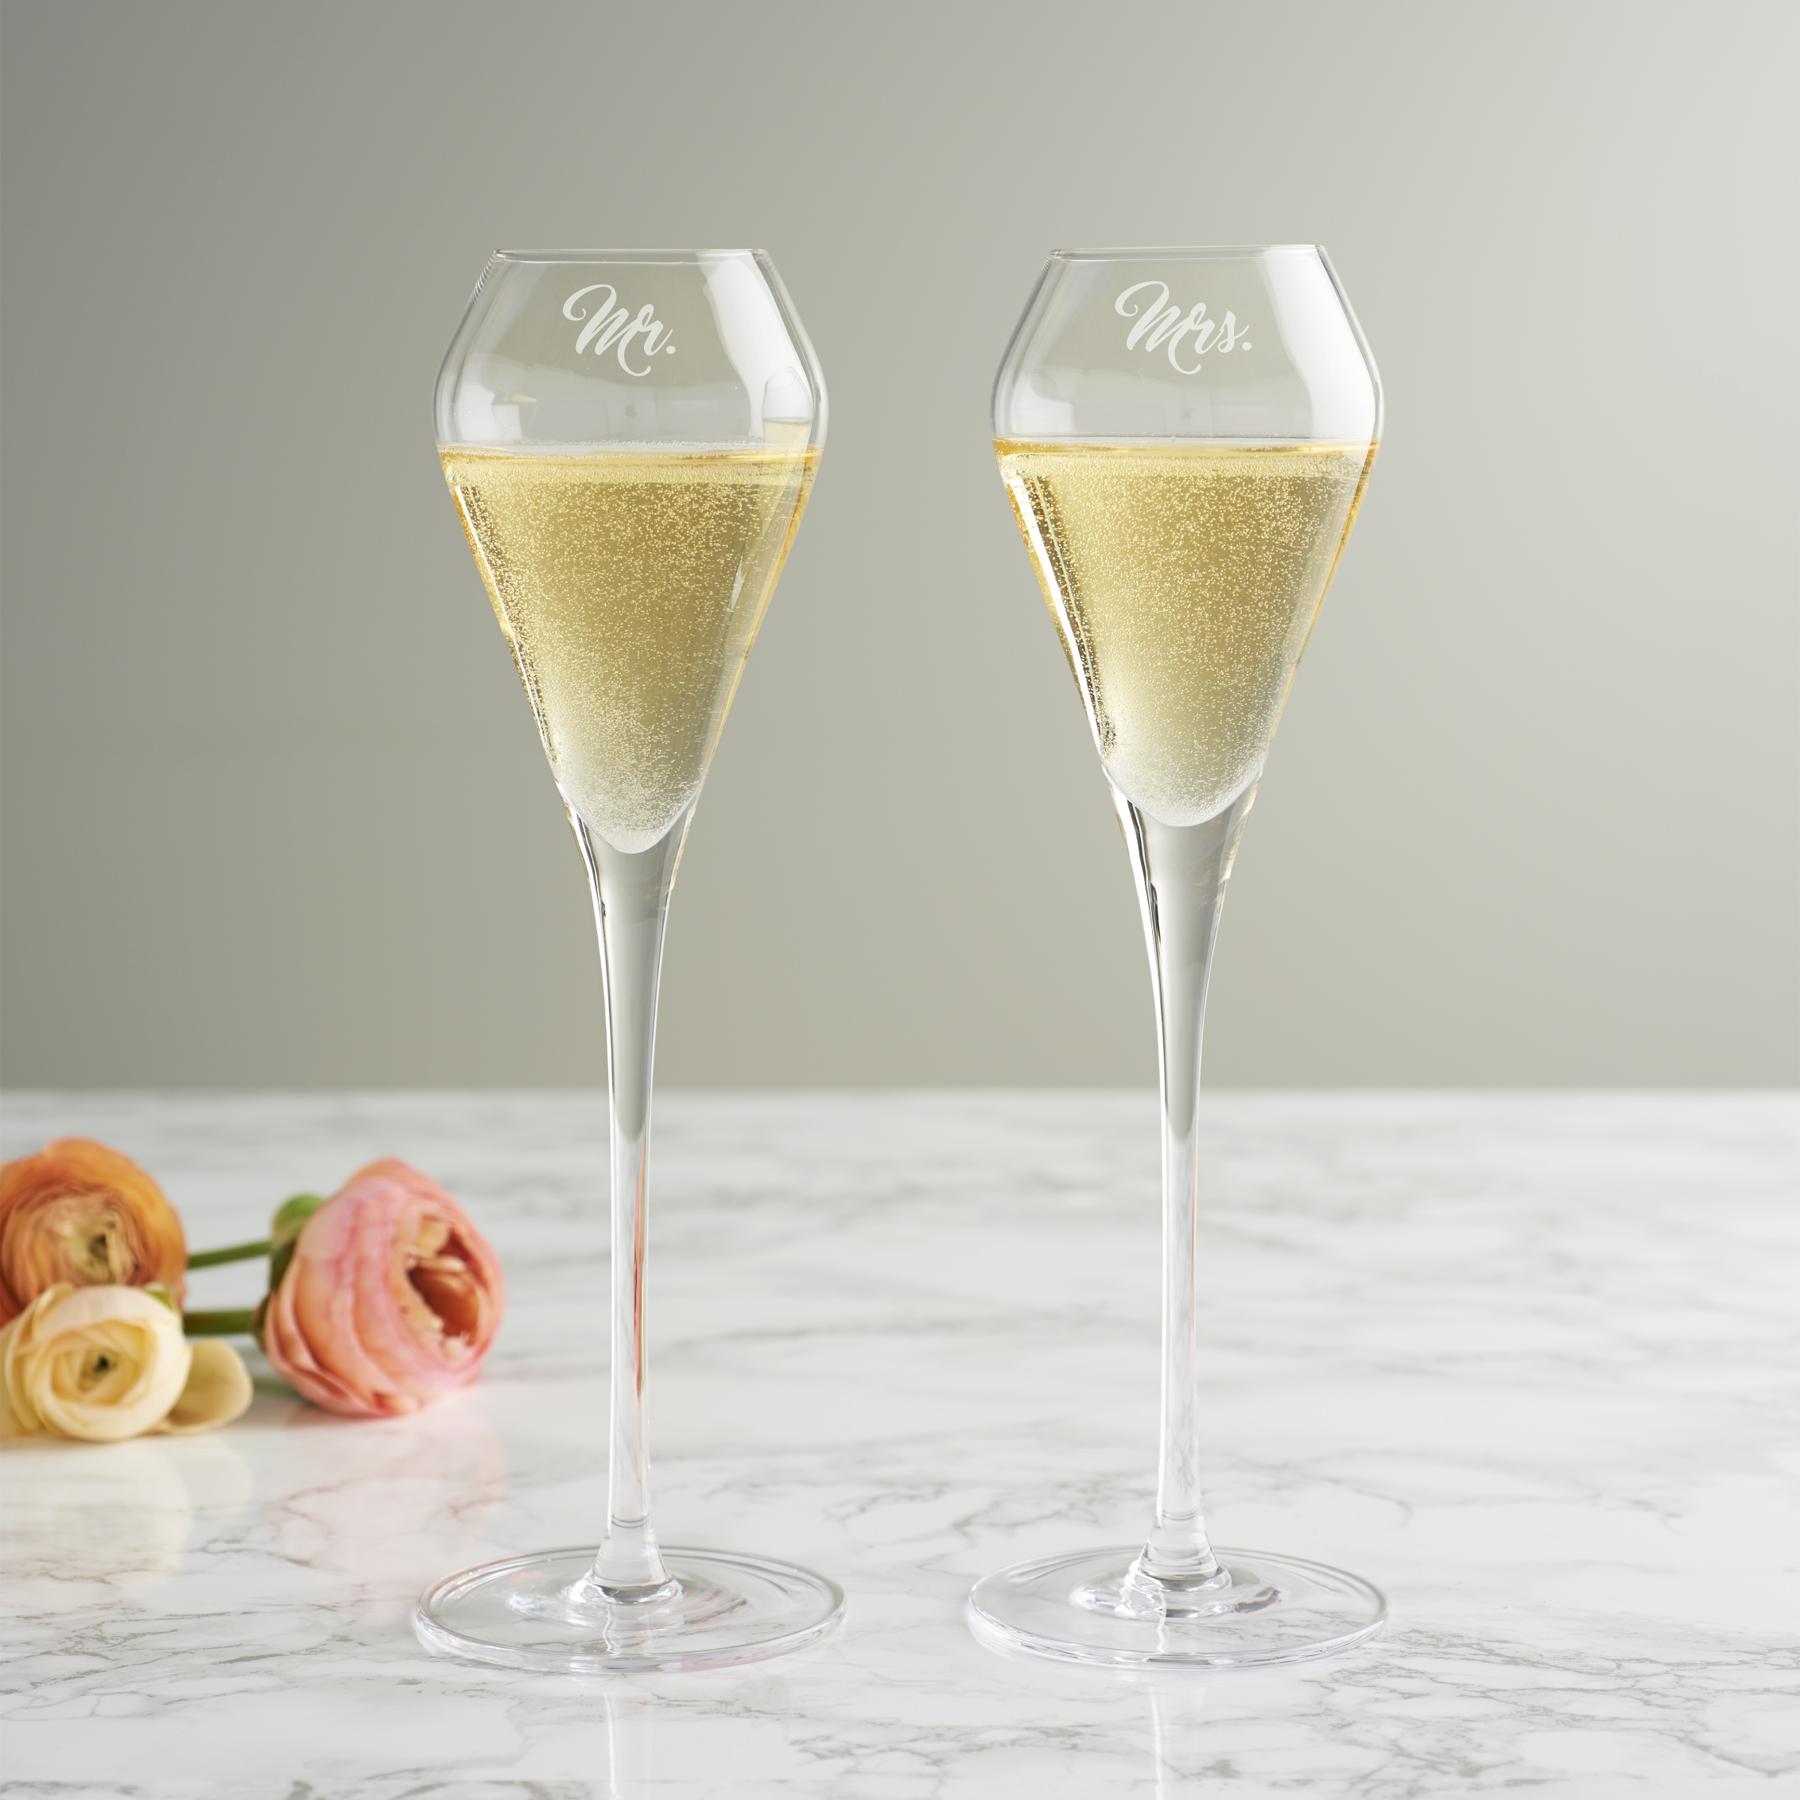 Mr-Mrs-Tulip-Champagne-Flute-Set_-27-03-2021-11-44-48.jpg